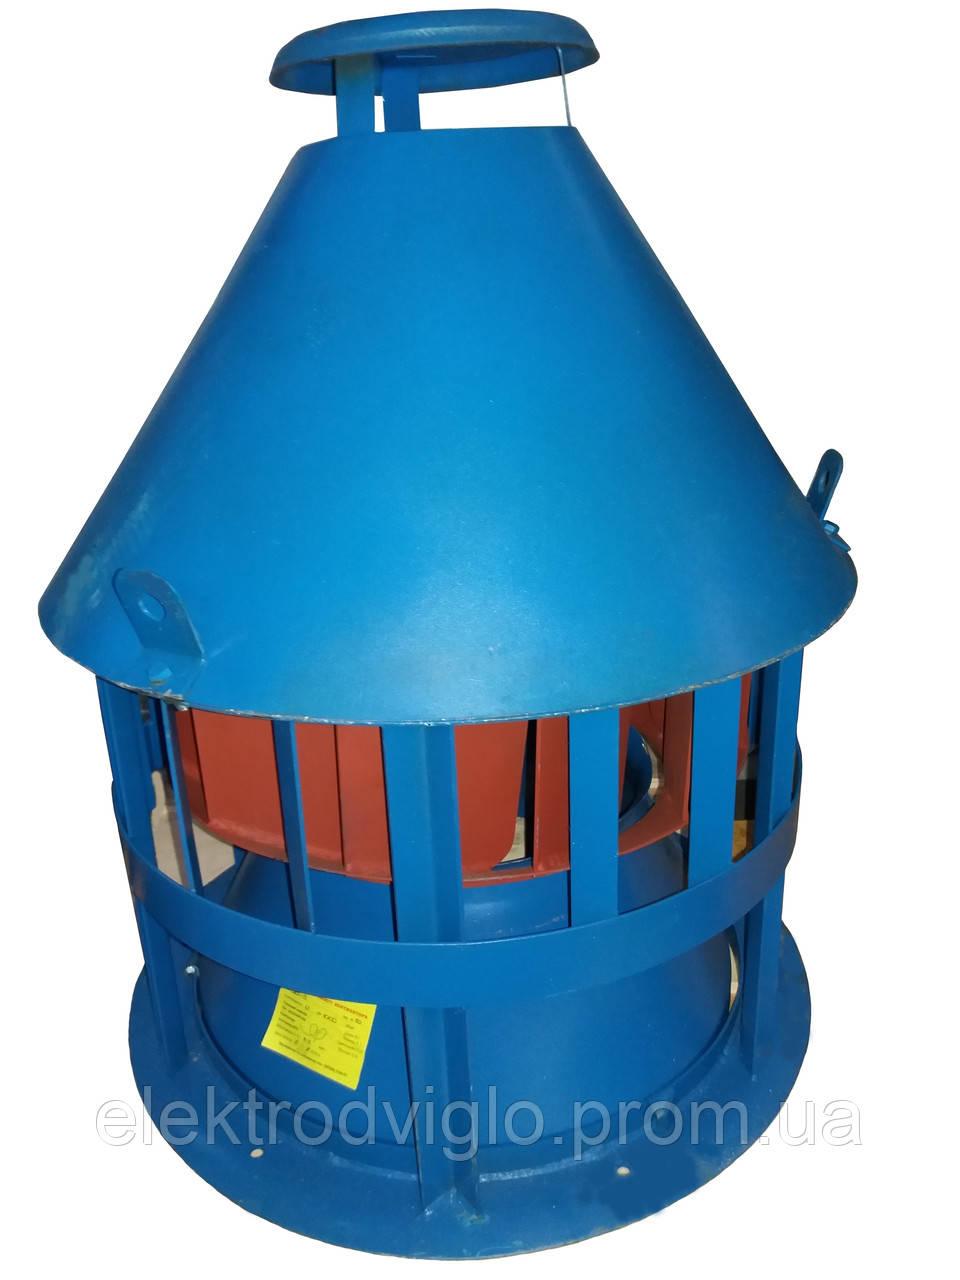 Вентилятор ВКР №5 1,1кВт 1000об, фото 1